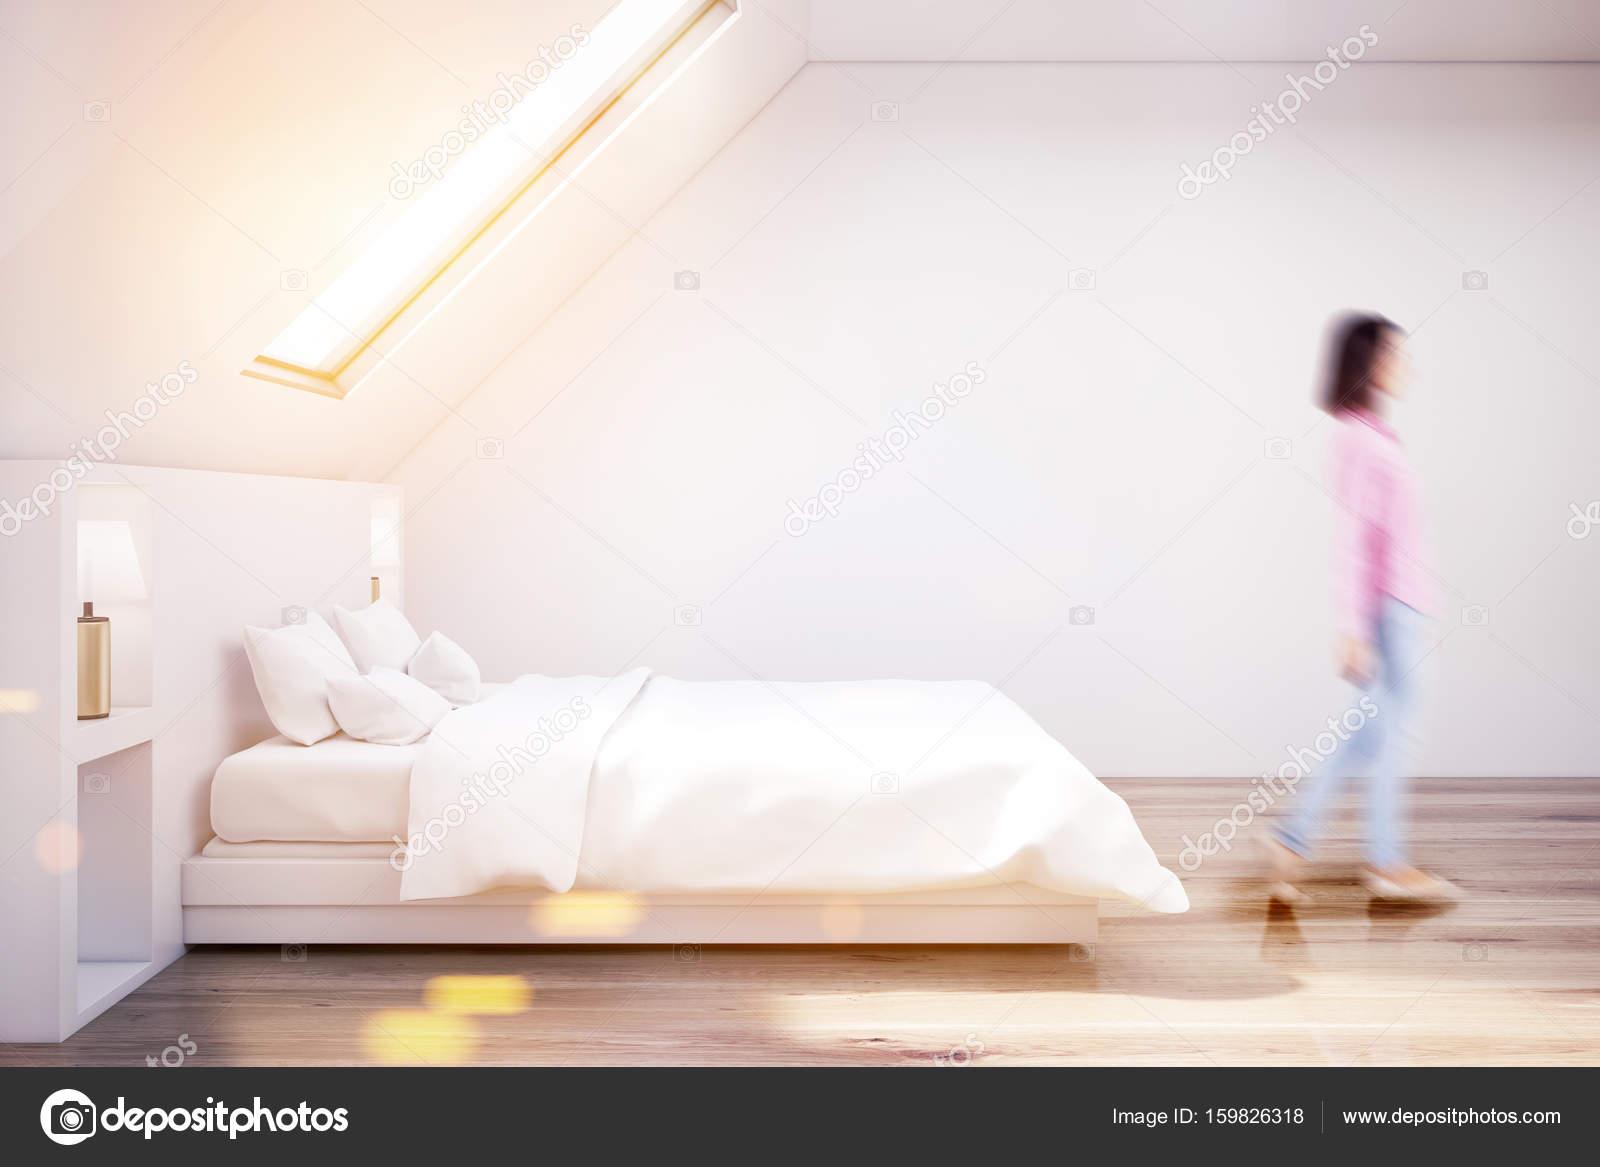 https://st3.depositphotos.com/2673929/15982/i/1600/depositphotos_159826318-stockafbeelding-witte-zolder-slaapkamer-houten-vloer.jpg